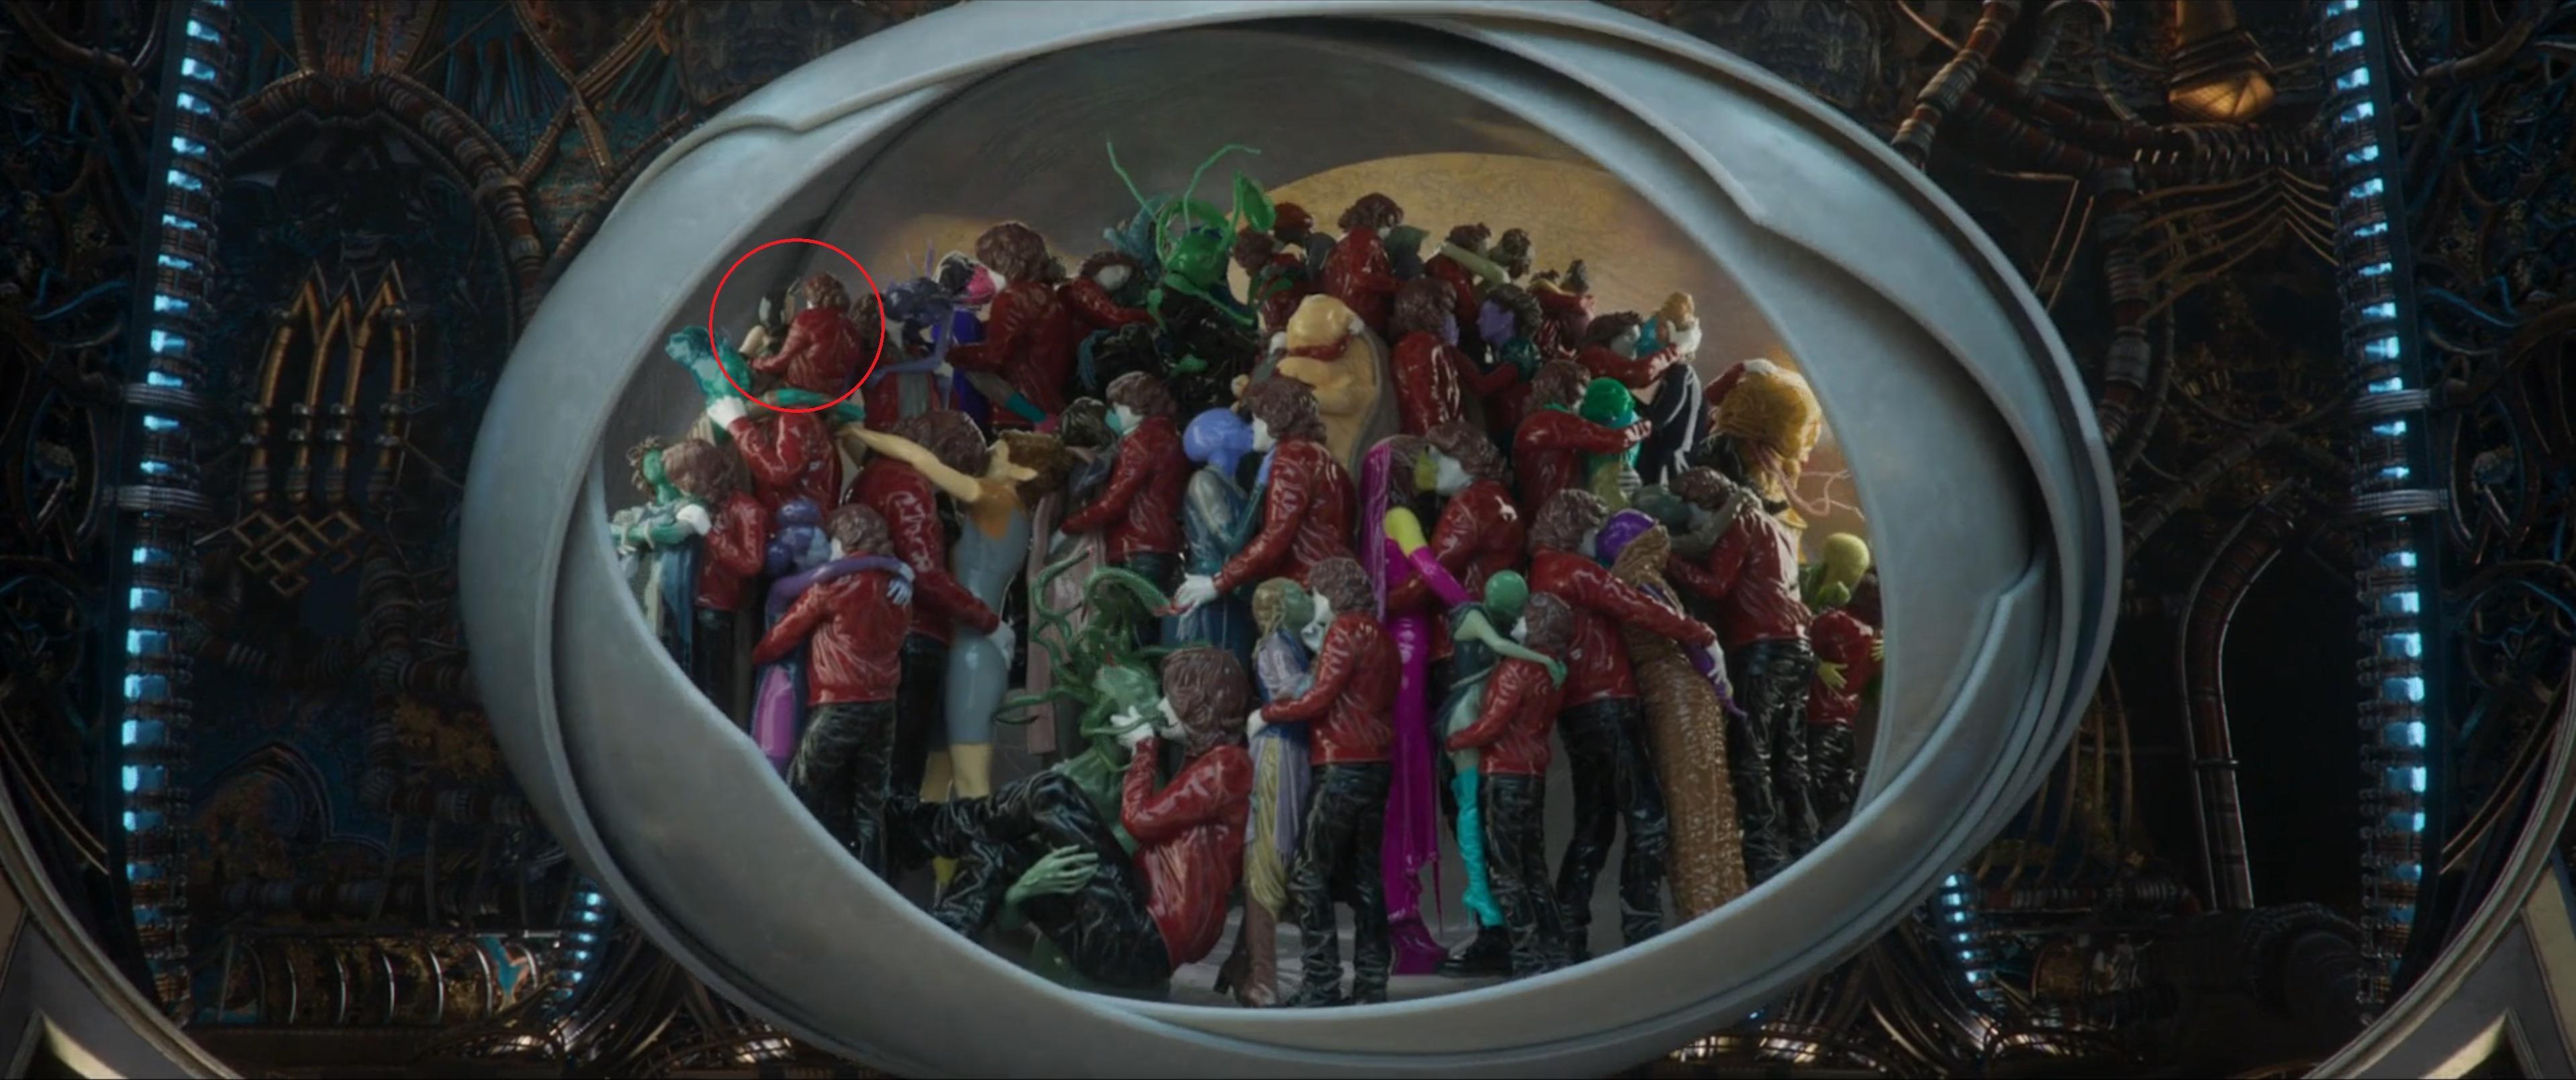 Quand Ego montre à Star-Lord les nombreuses femmes avec lesquelles il a eu des enfants. On voit une personne ressemblant à Mantis